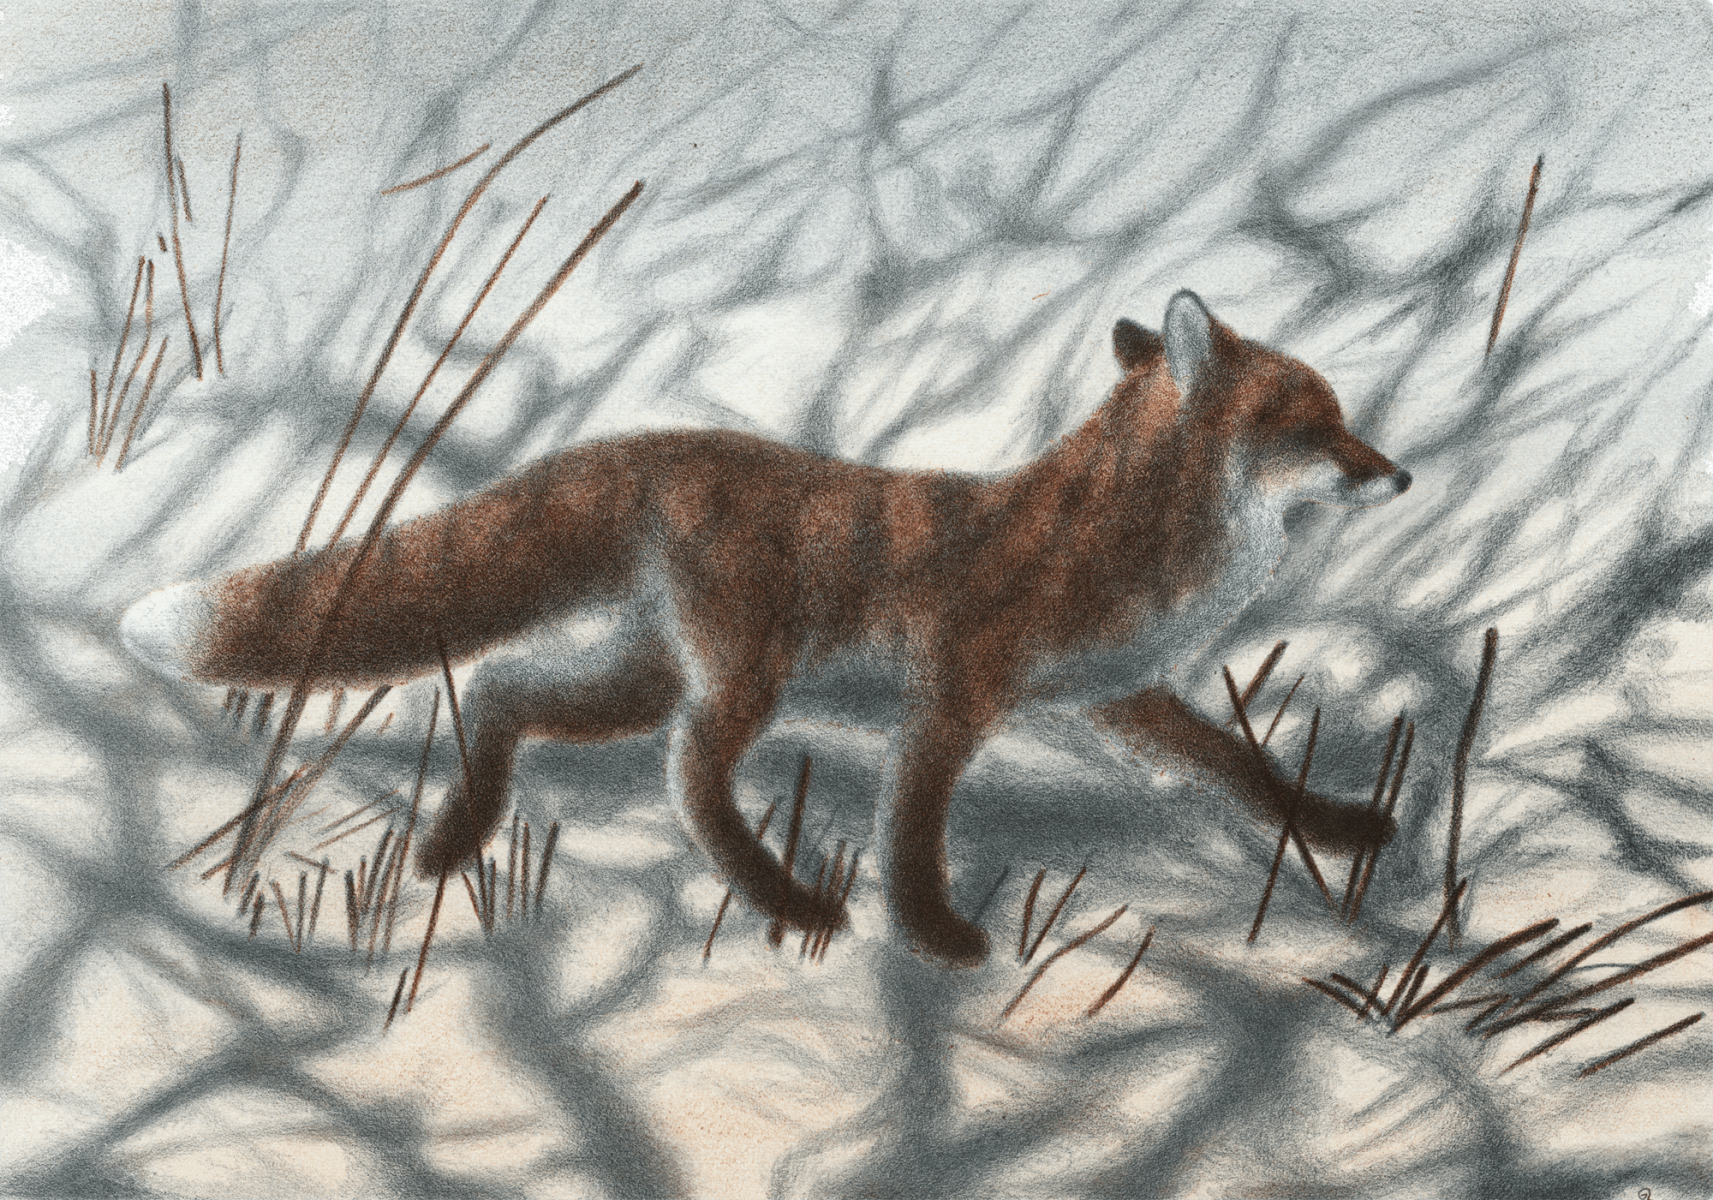 Le renard la nuit et jacques rime - Dessin renard ...